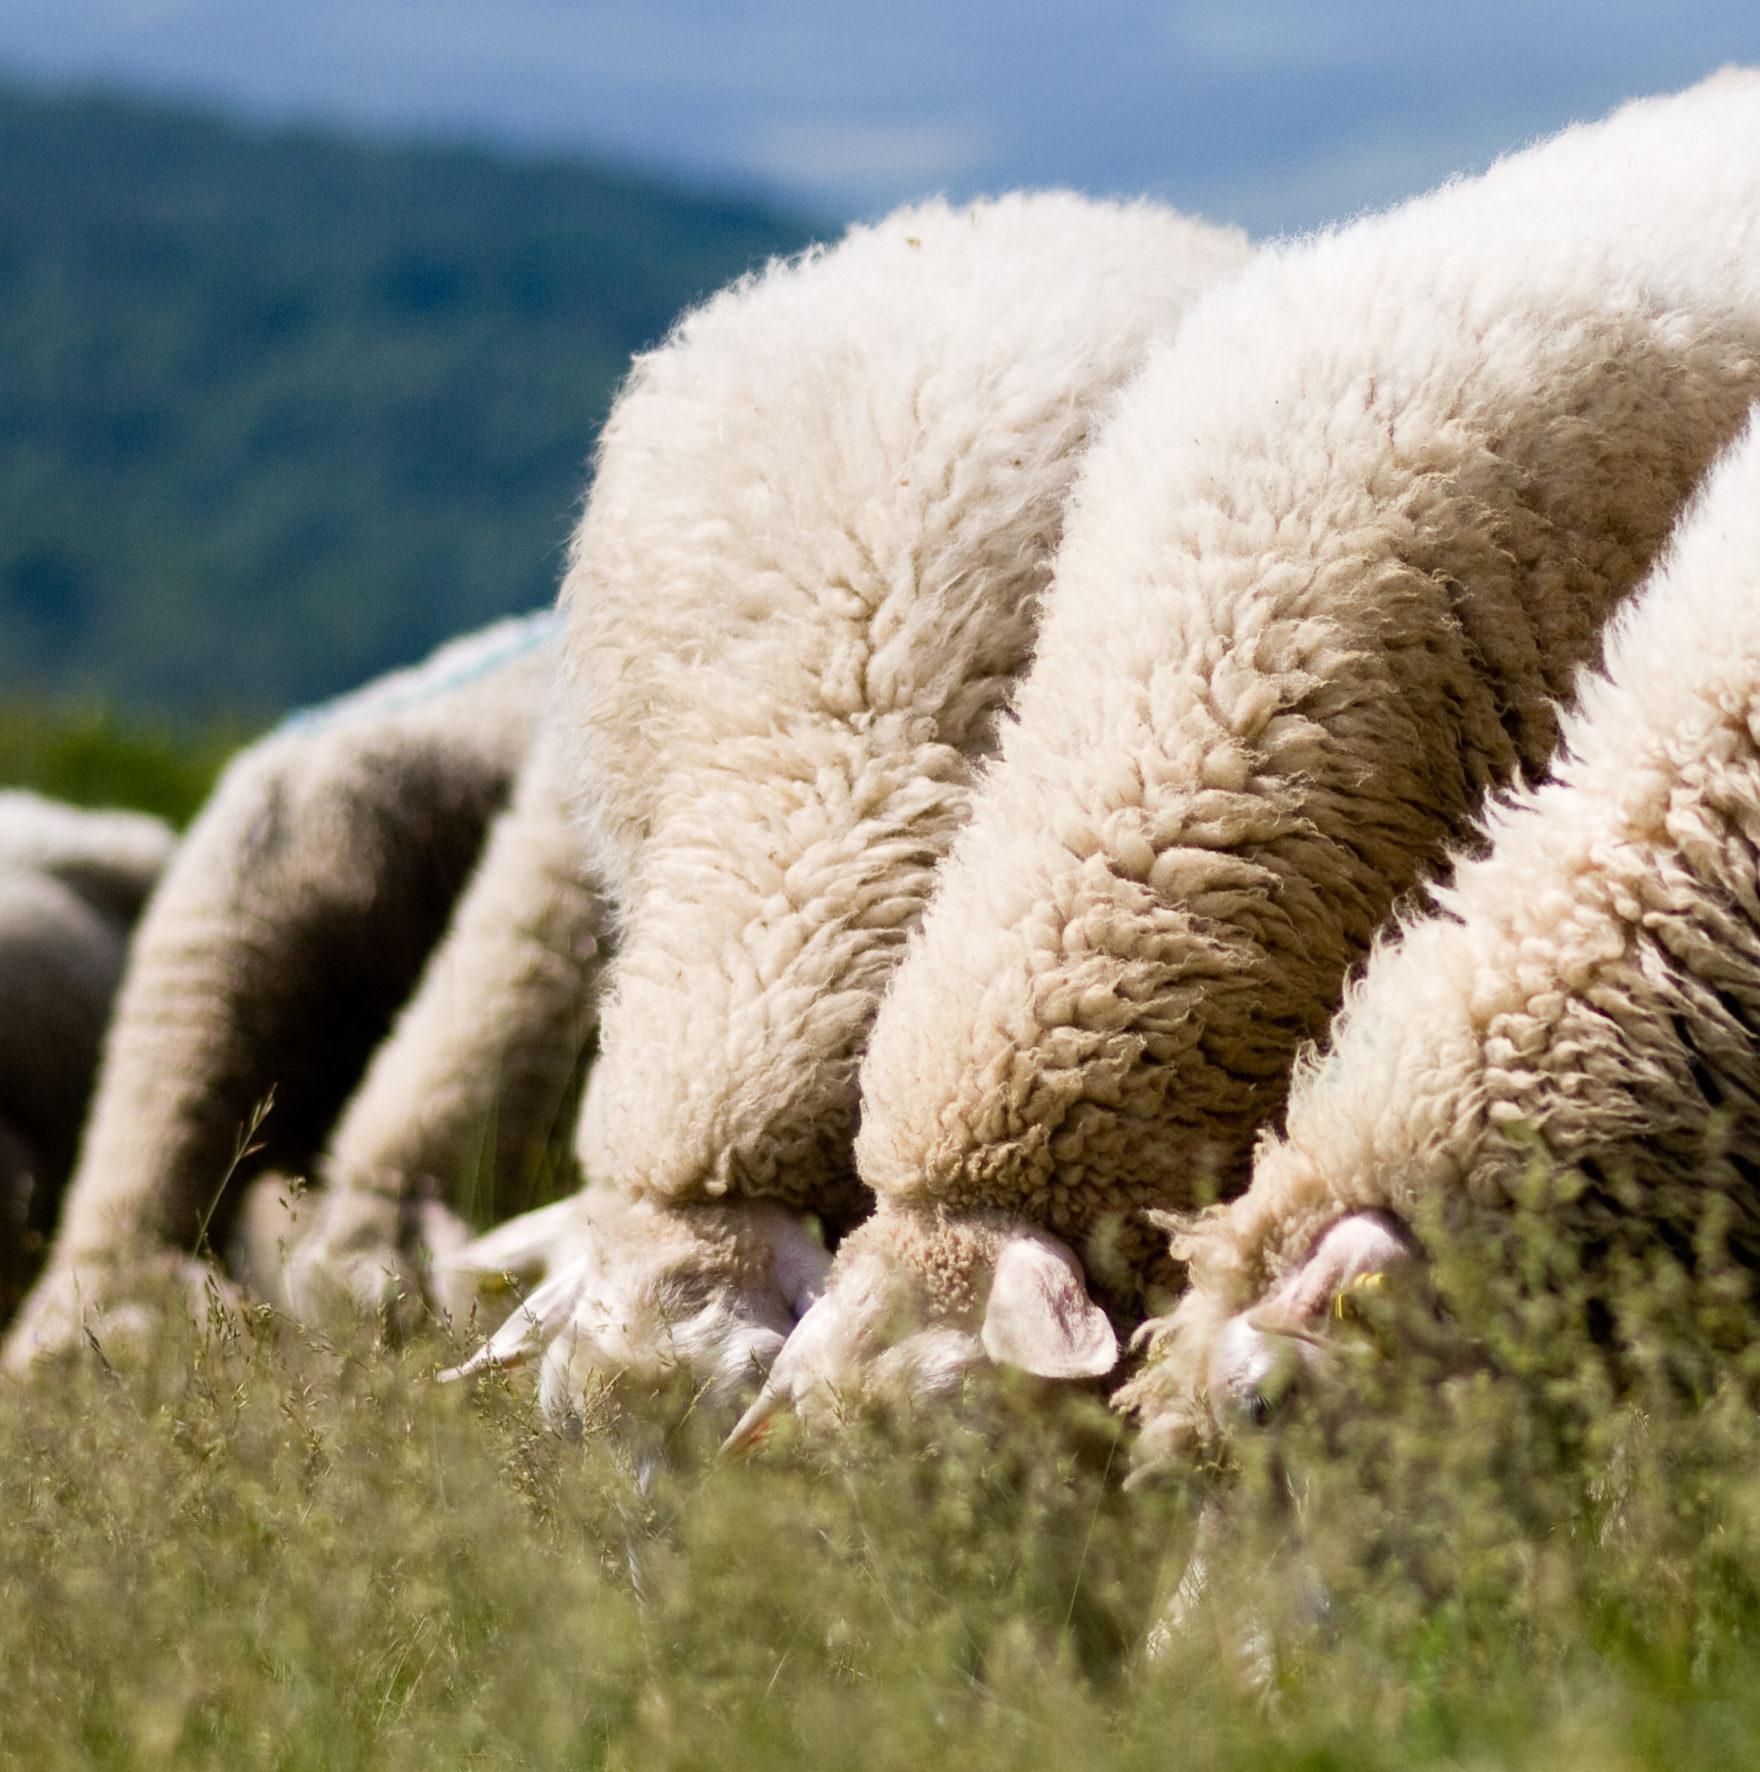 Schafe weiden dicht nebeneinander auf der Wiese